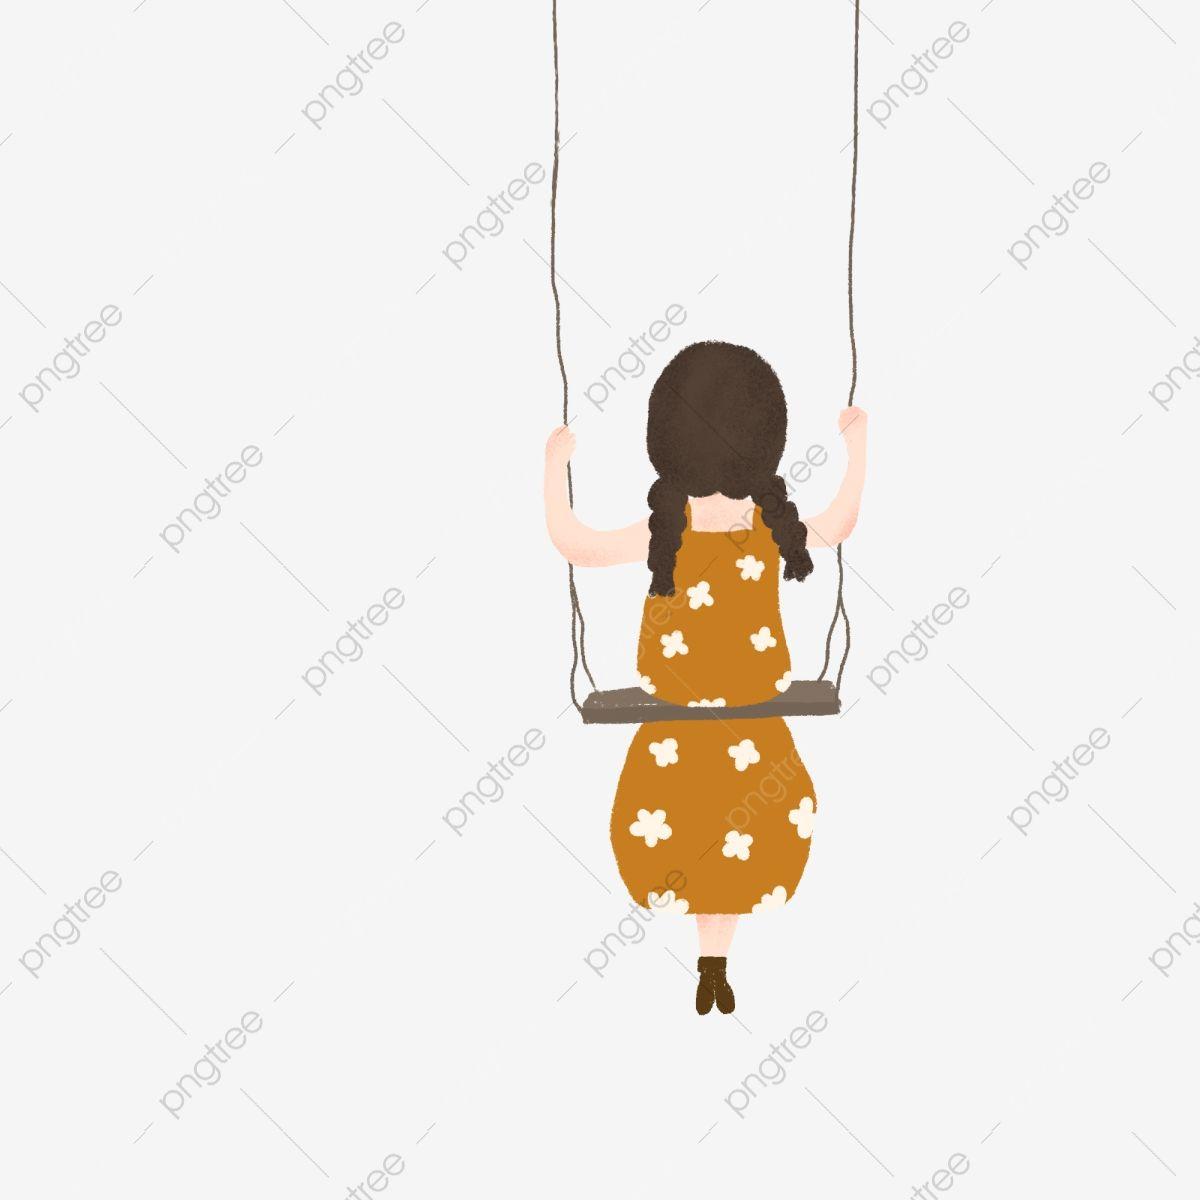 فتاة الكرتون شخصية للرسوم المتحركة صورة عن قرب فتاة جميلة شخصية للرسوم المتحركة رياضة رسم حر Png وملف Psd للتحميل مجانا Baby Mobile Swing Free